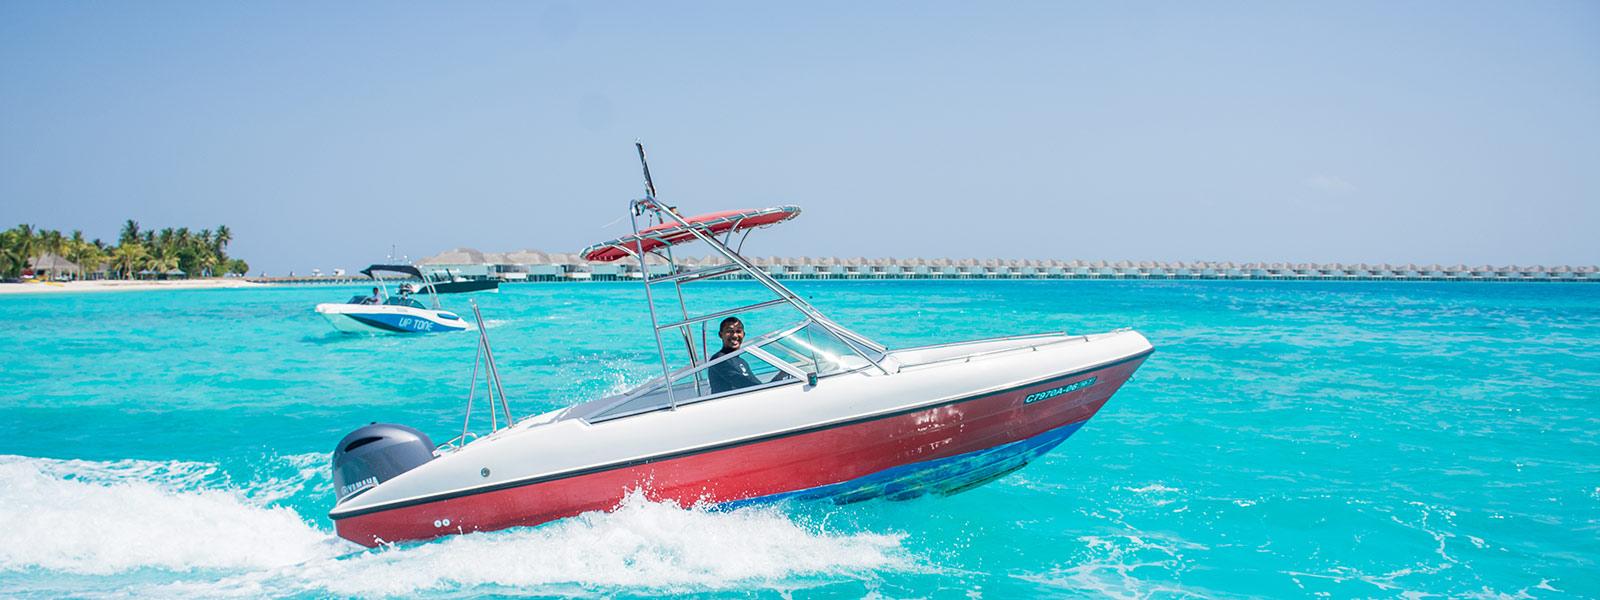 Speedboat Maldives Watersports